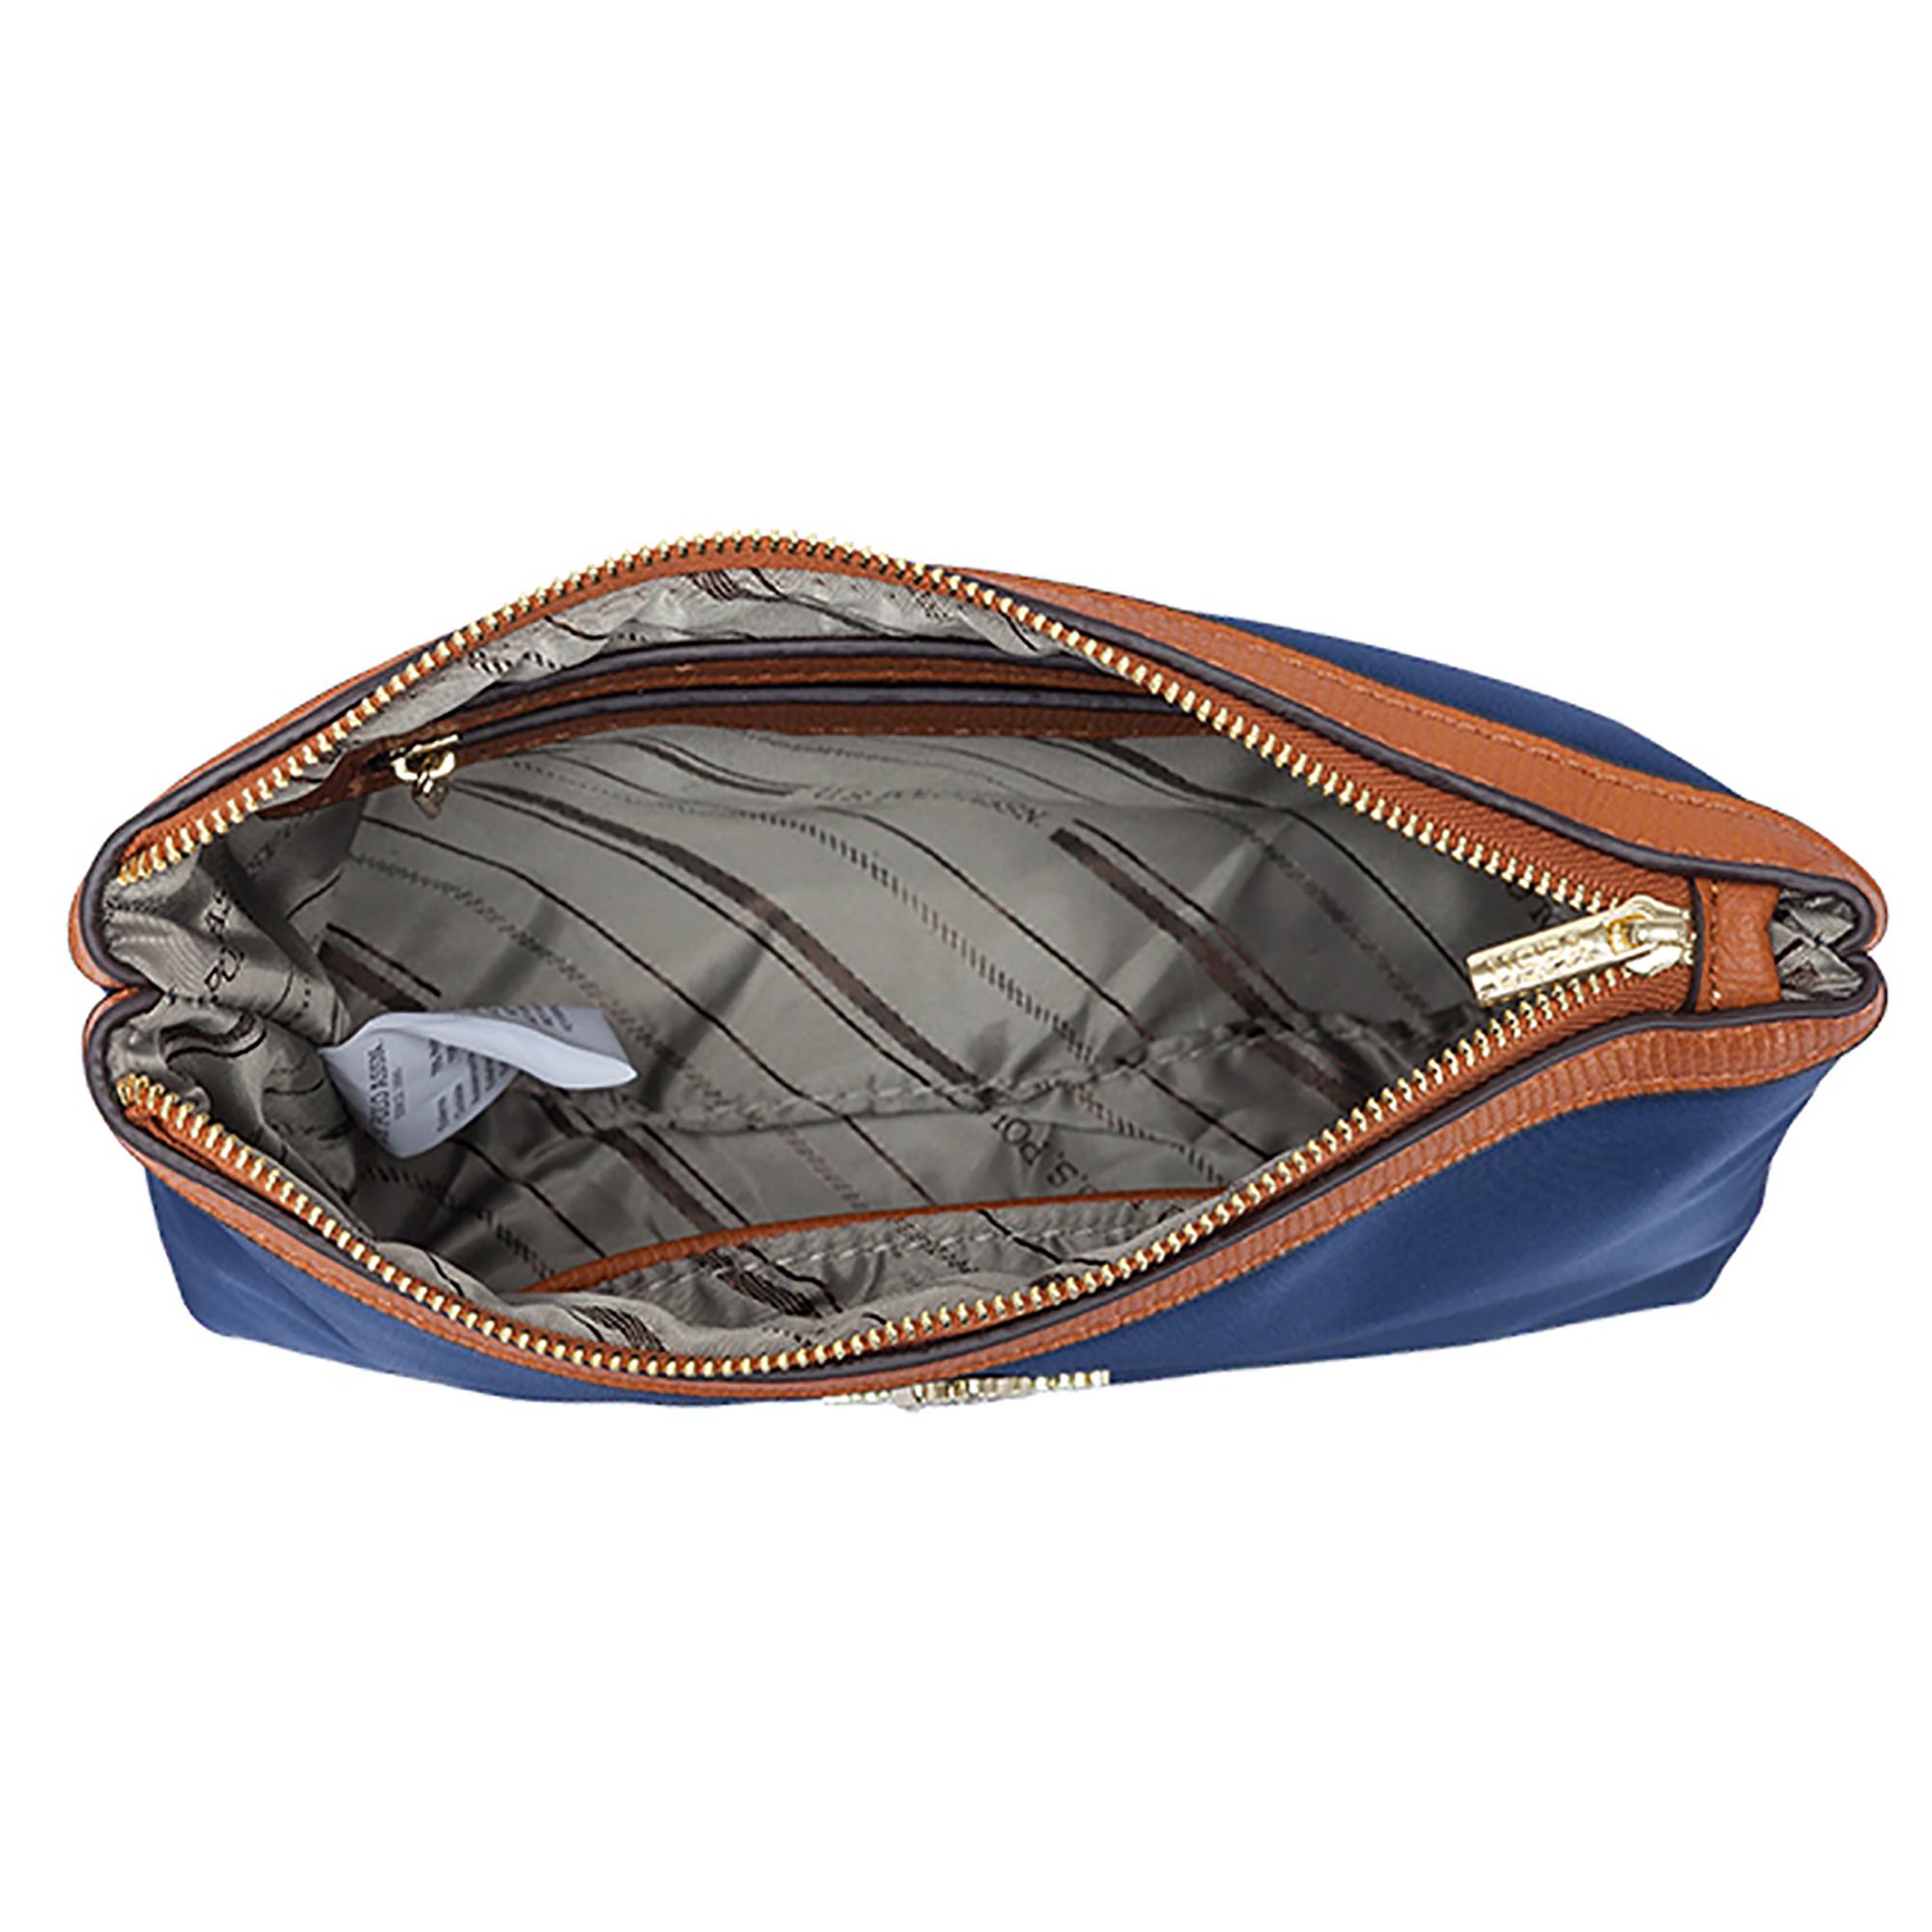 254c573053 NEW US Polo Assn. Houston S. Beauty Handbag Fashion Nylon Zippered ...